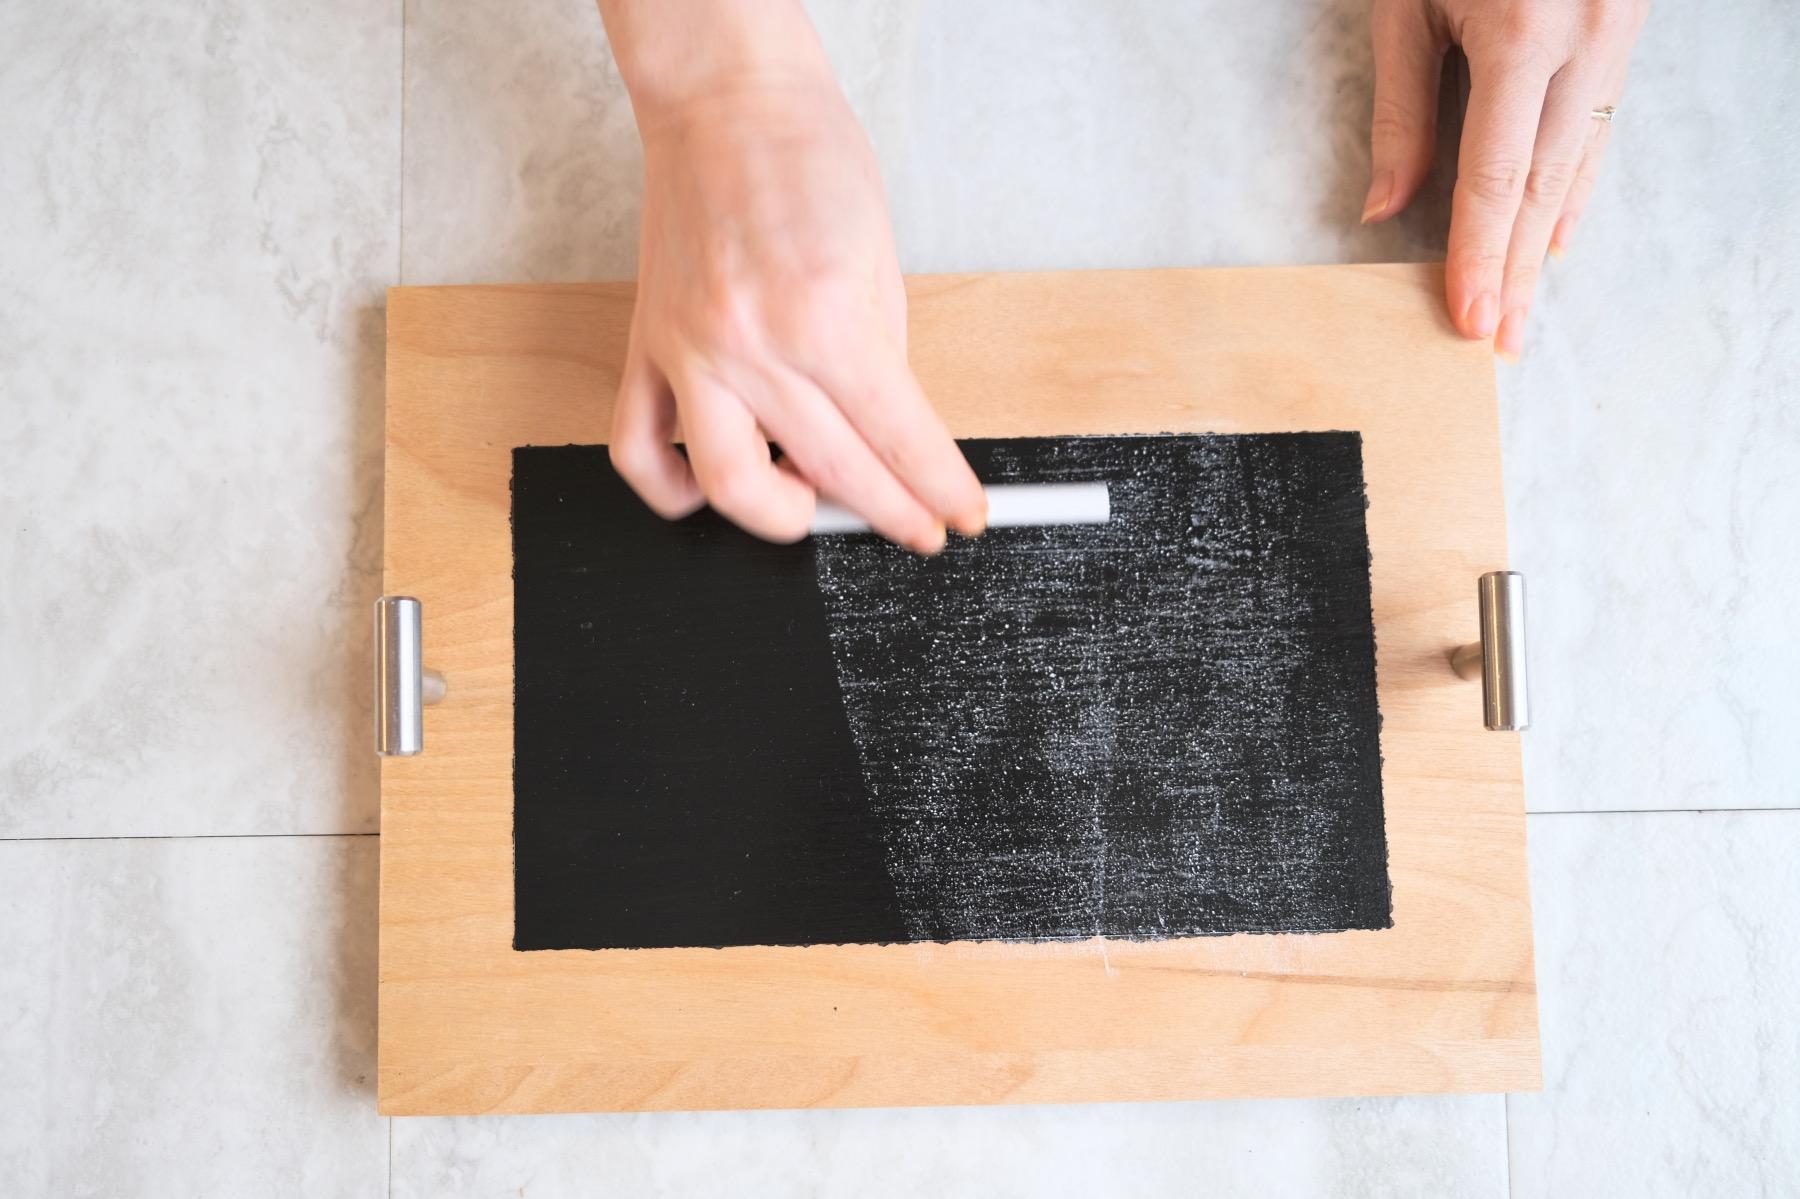 swipe the chalkboard with chalk to season a chalkboard